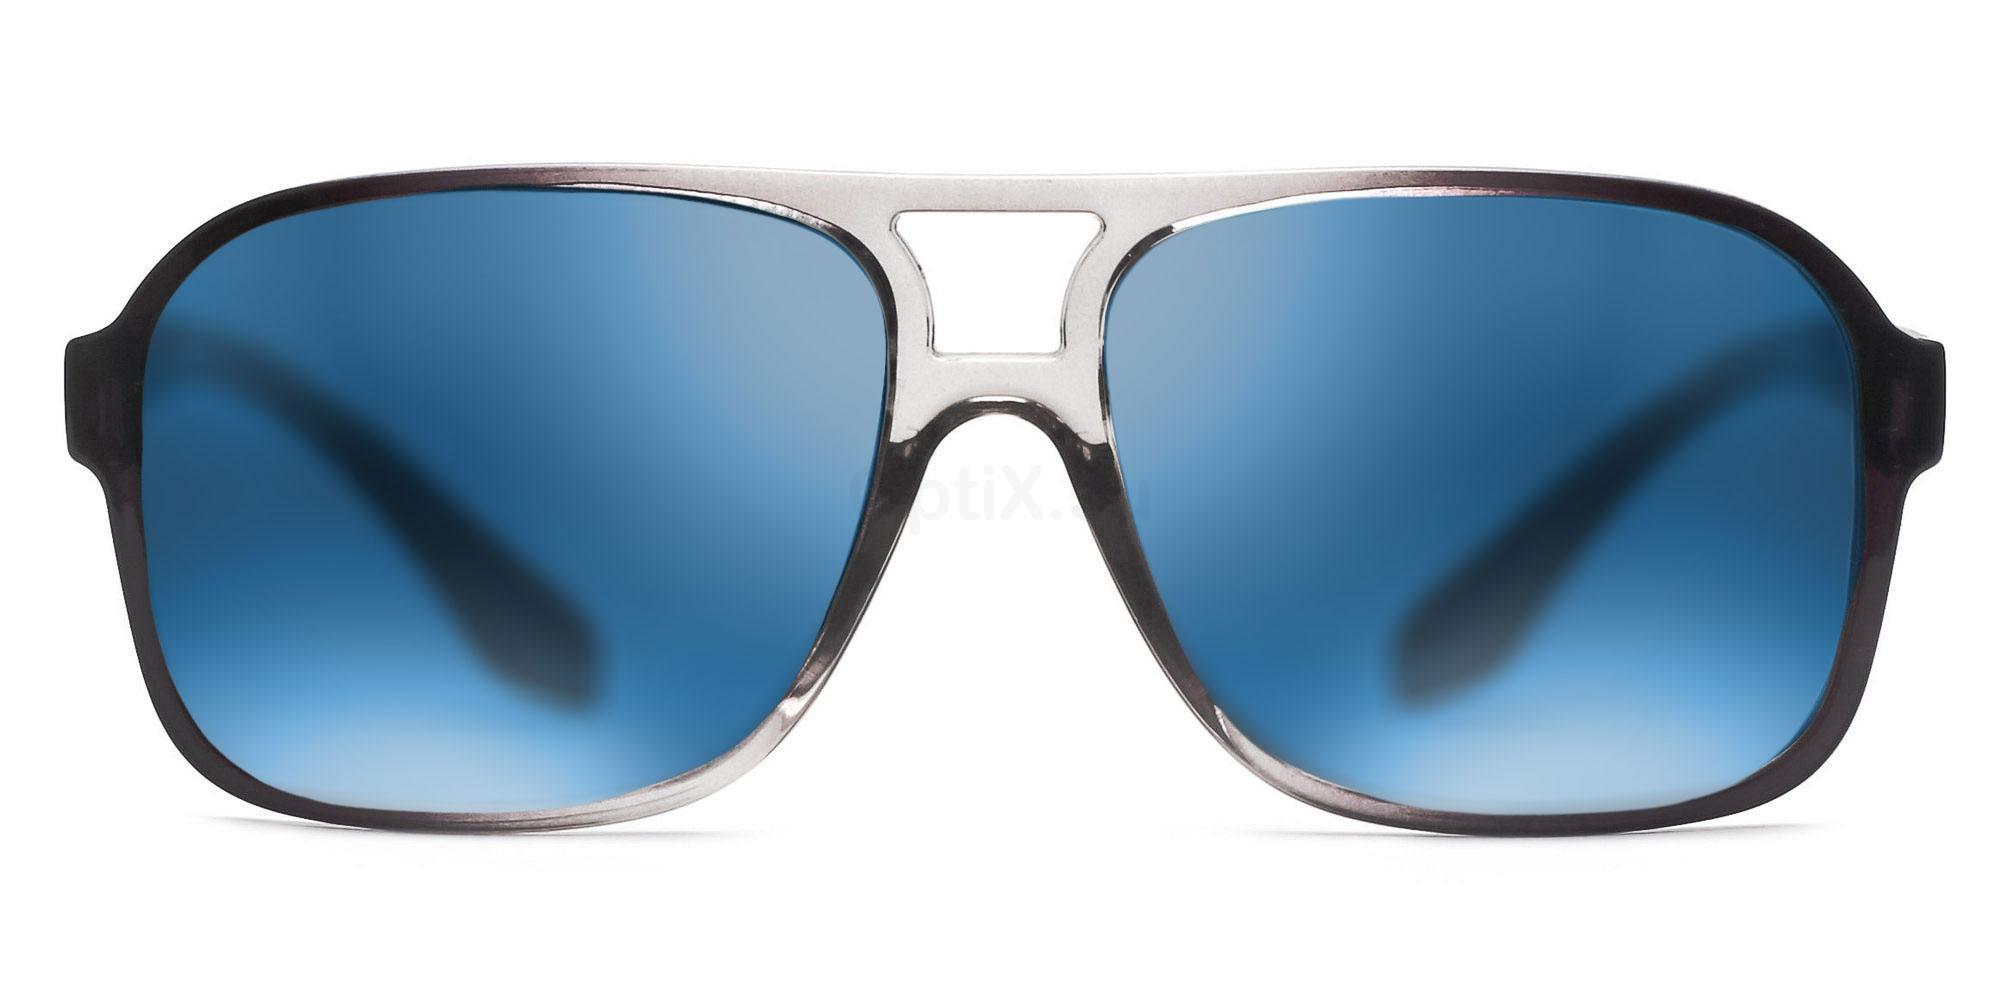 C5 M1282 (Polarized) Sunglasses, Savannah